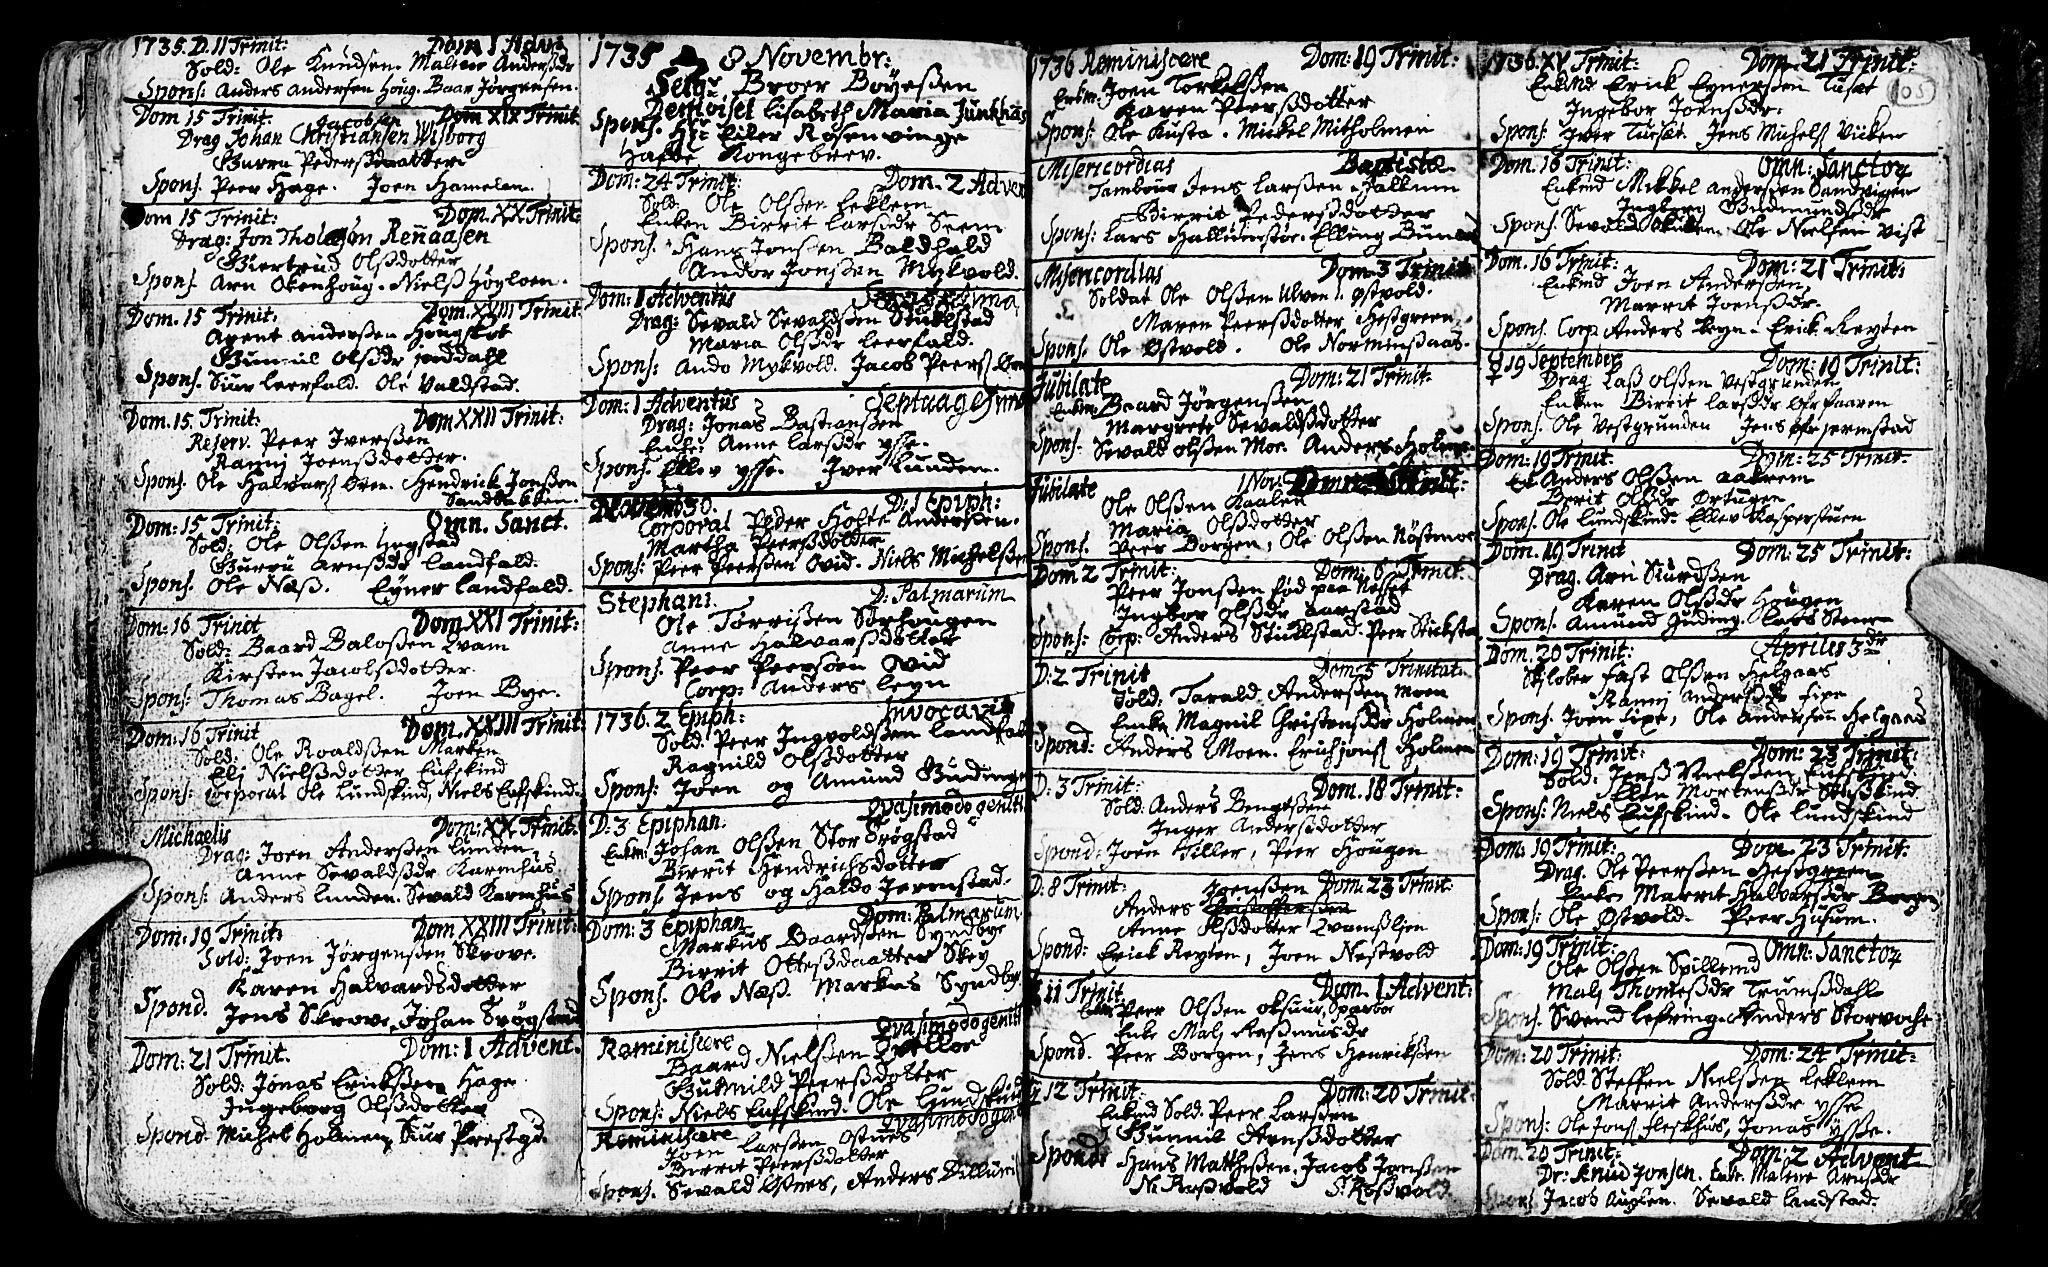 SAT, Ministerialprotokoller, klokkerbøker og fødselsregistre - Nord-Trøndelag, 723/L0230: Ministerialbok nr. 723A01, 1705-1747, s. 105